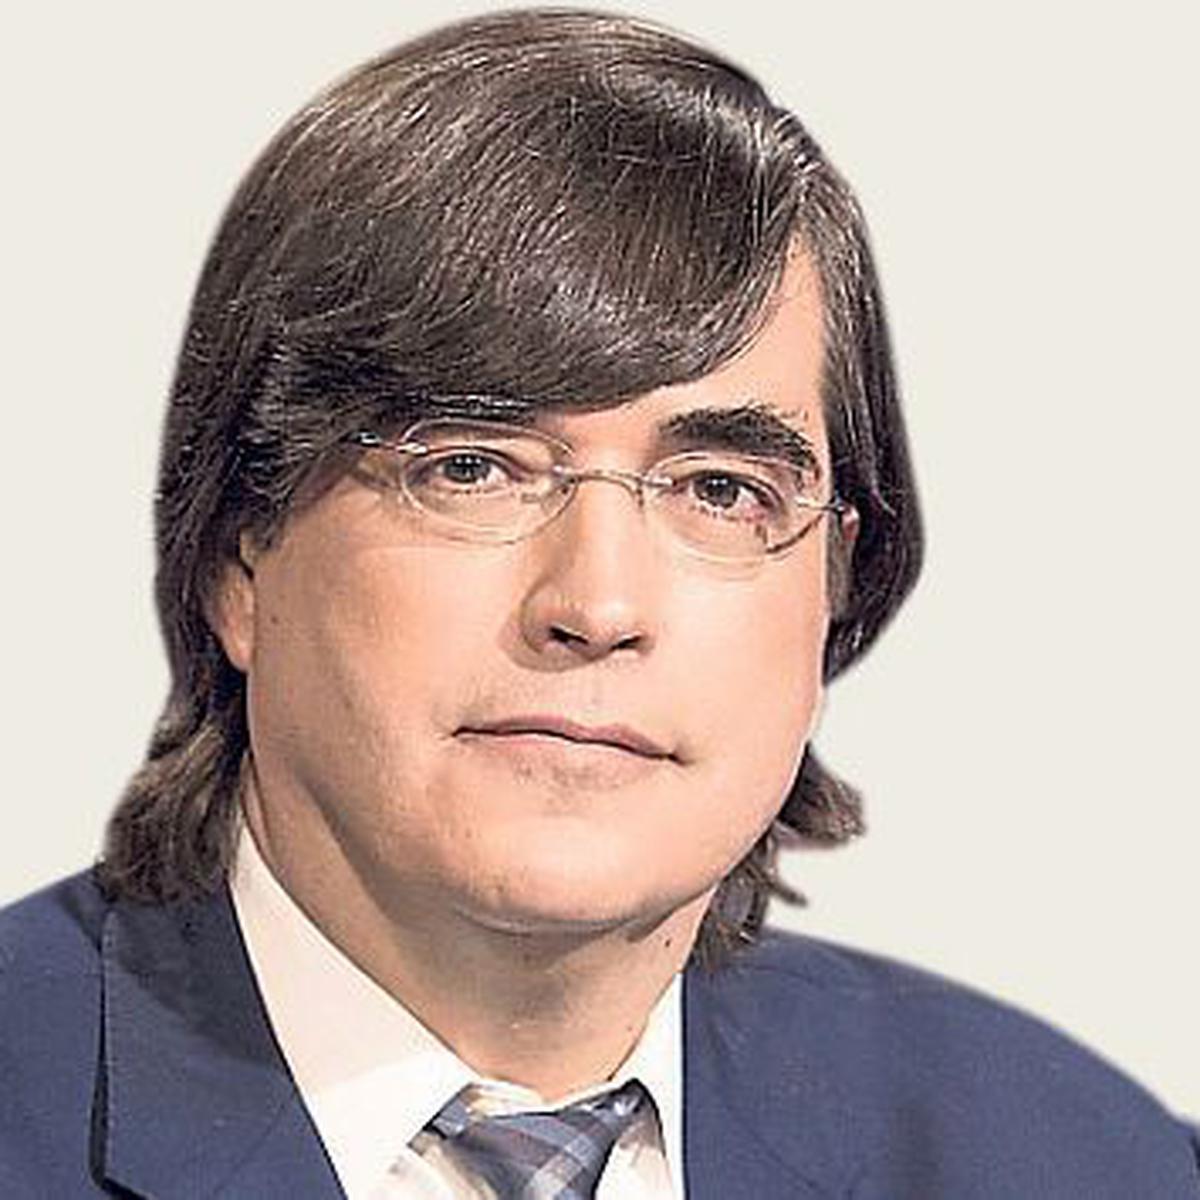 Jaime Bayly El Soborno Del General Opinion Peru21 Periodista y escritor peruano que siempre jaime bayly. jaime bayly el soborno del general